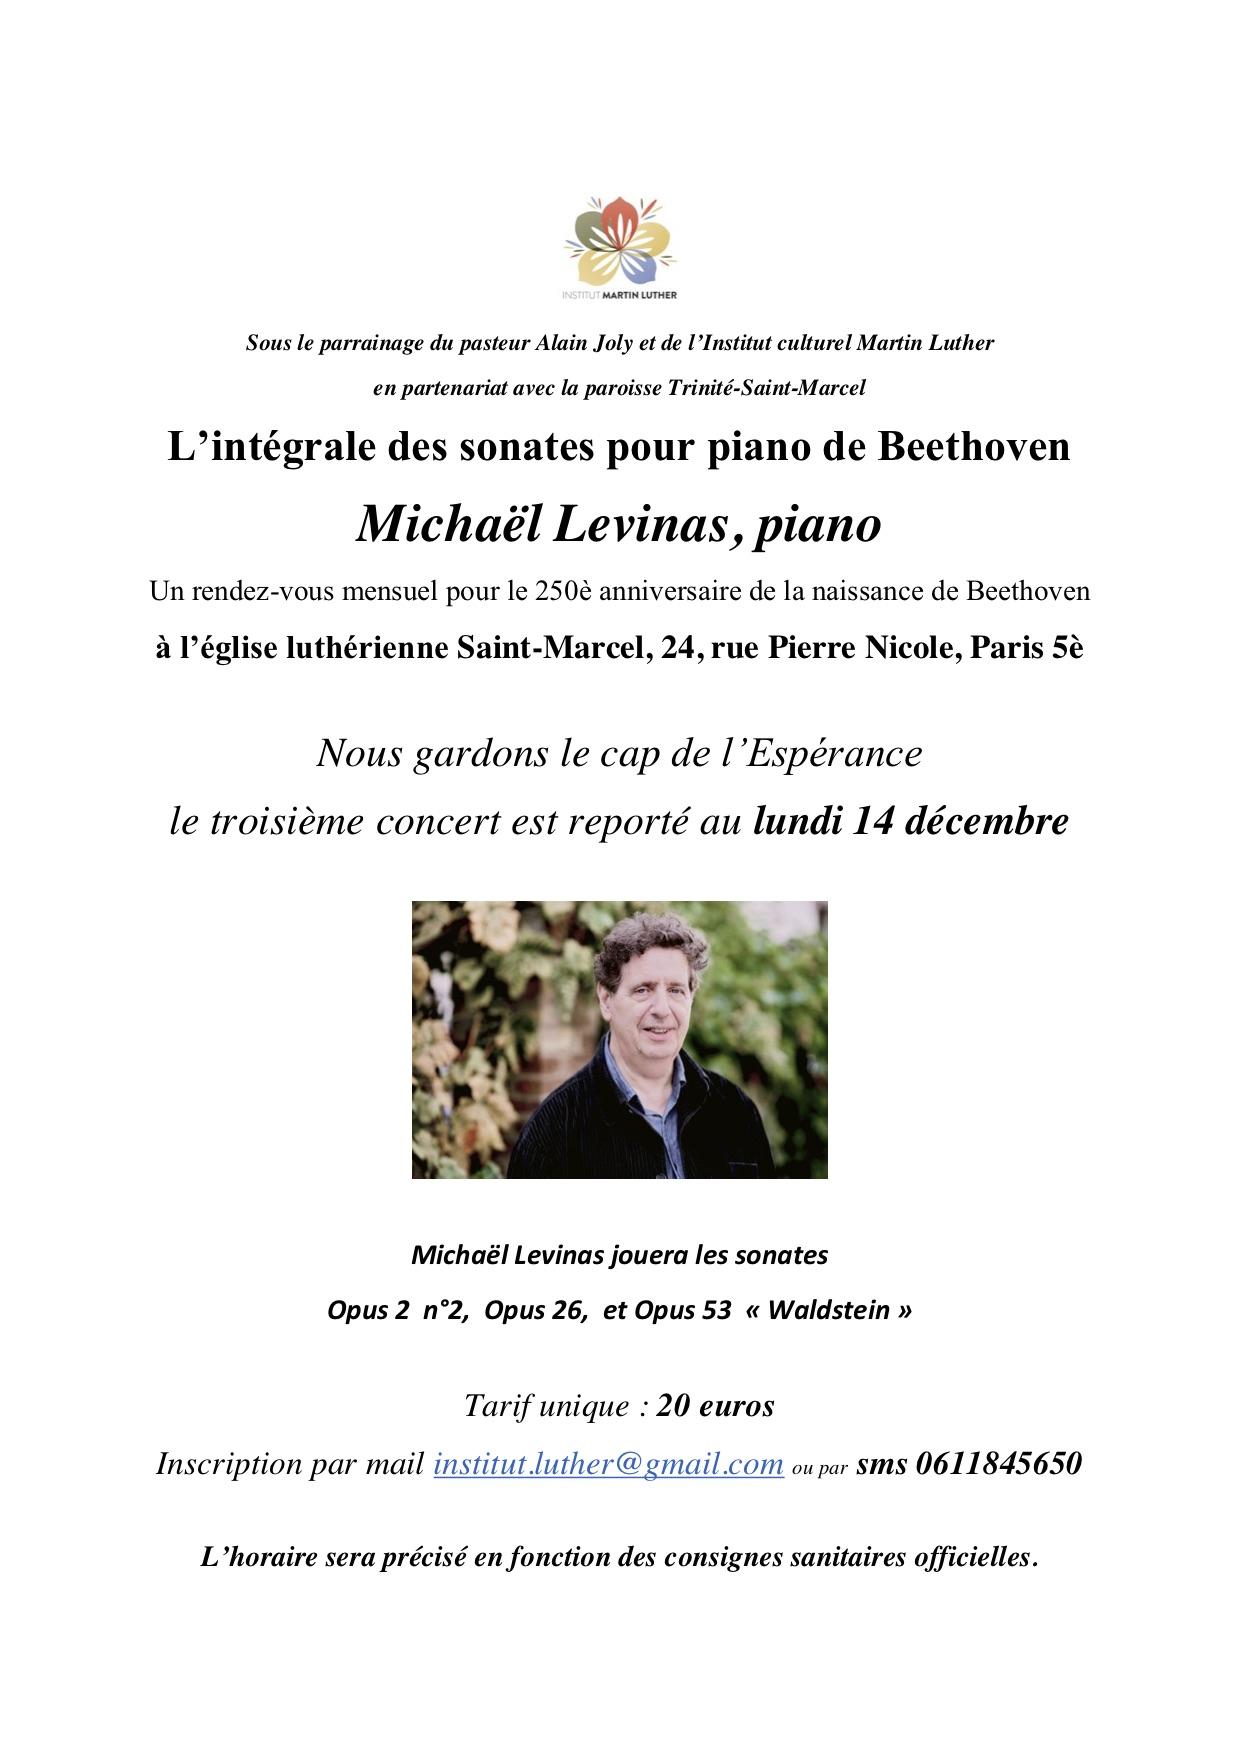 Beethoven - Levinas 14 décembre 2020